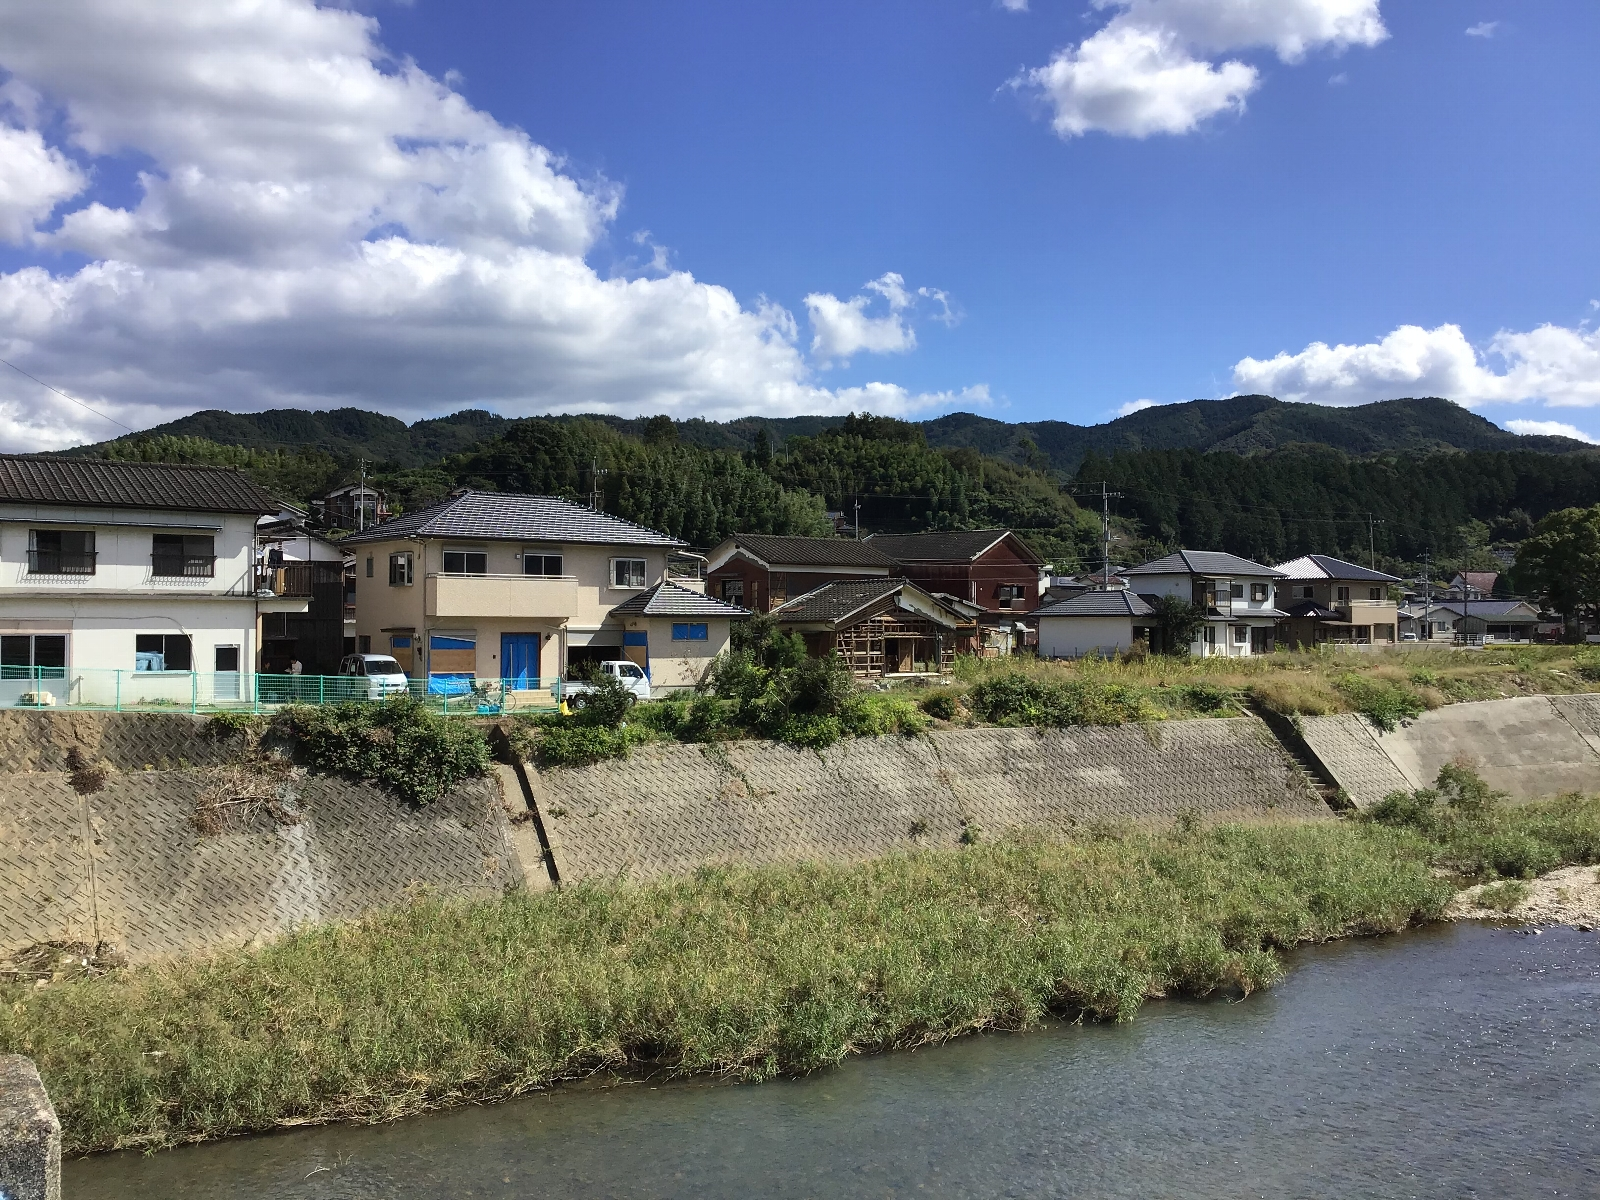 平成30年7月豪雨における住まい・集落等の復旧・復興に係る検討業務(愛媛エリア)